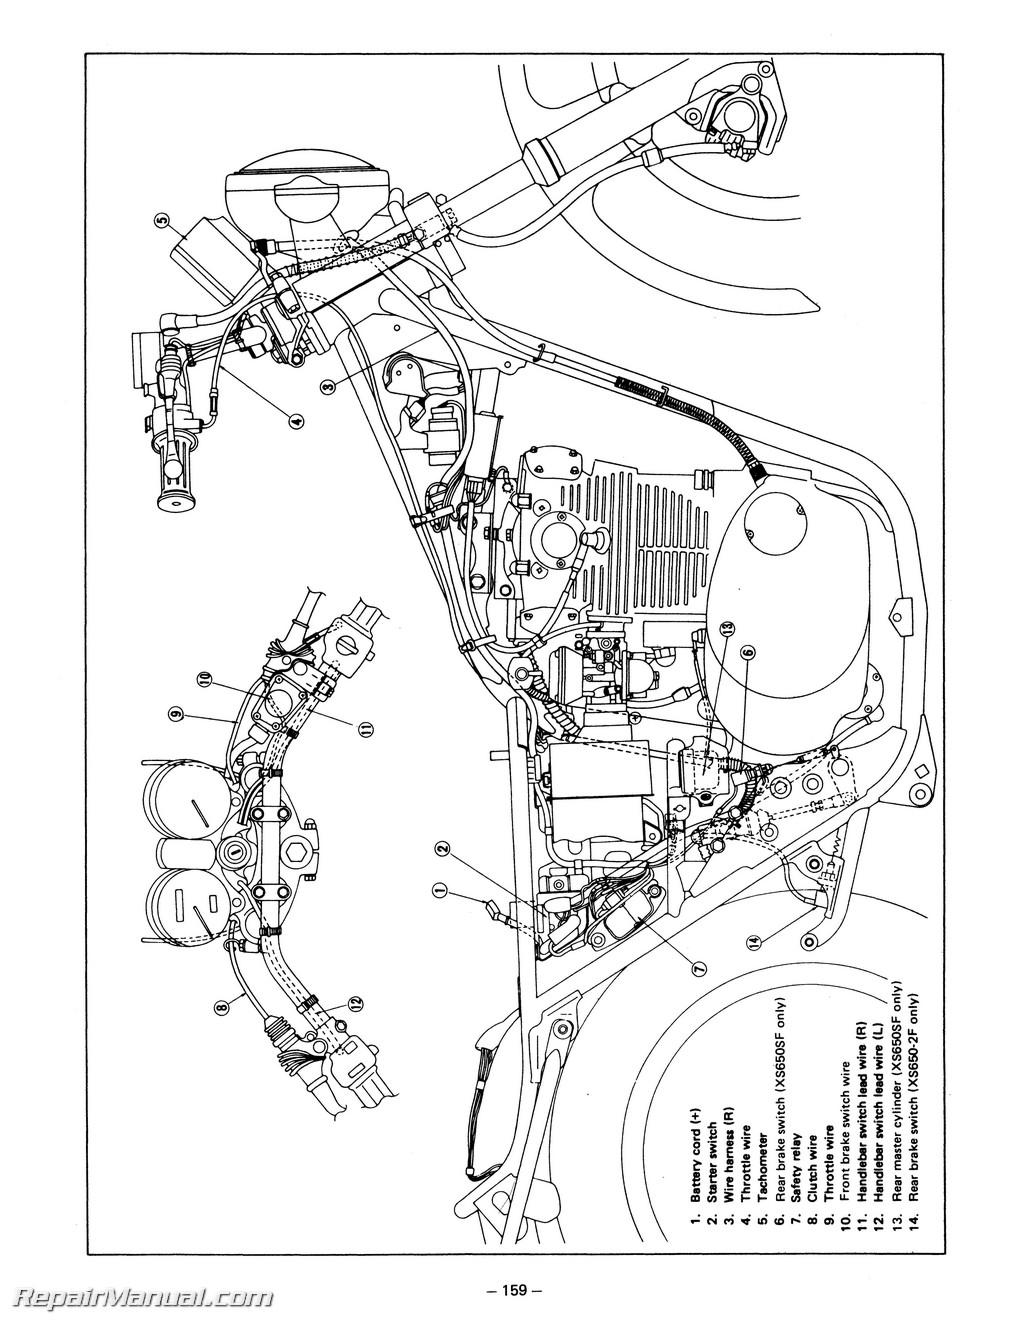 Yamaha XS650 Service Manual_Page_4 1981 650 kawasaki wiring diagram,wiring free download wiring,Yamaha Xj 550 Wiring Diagram